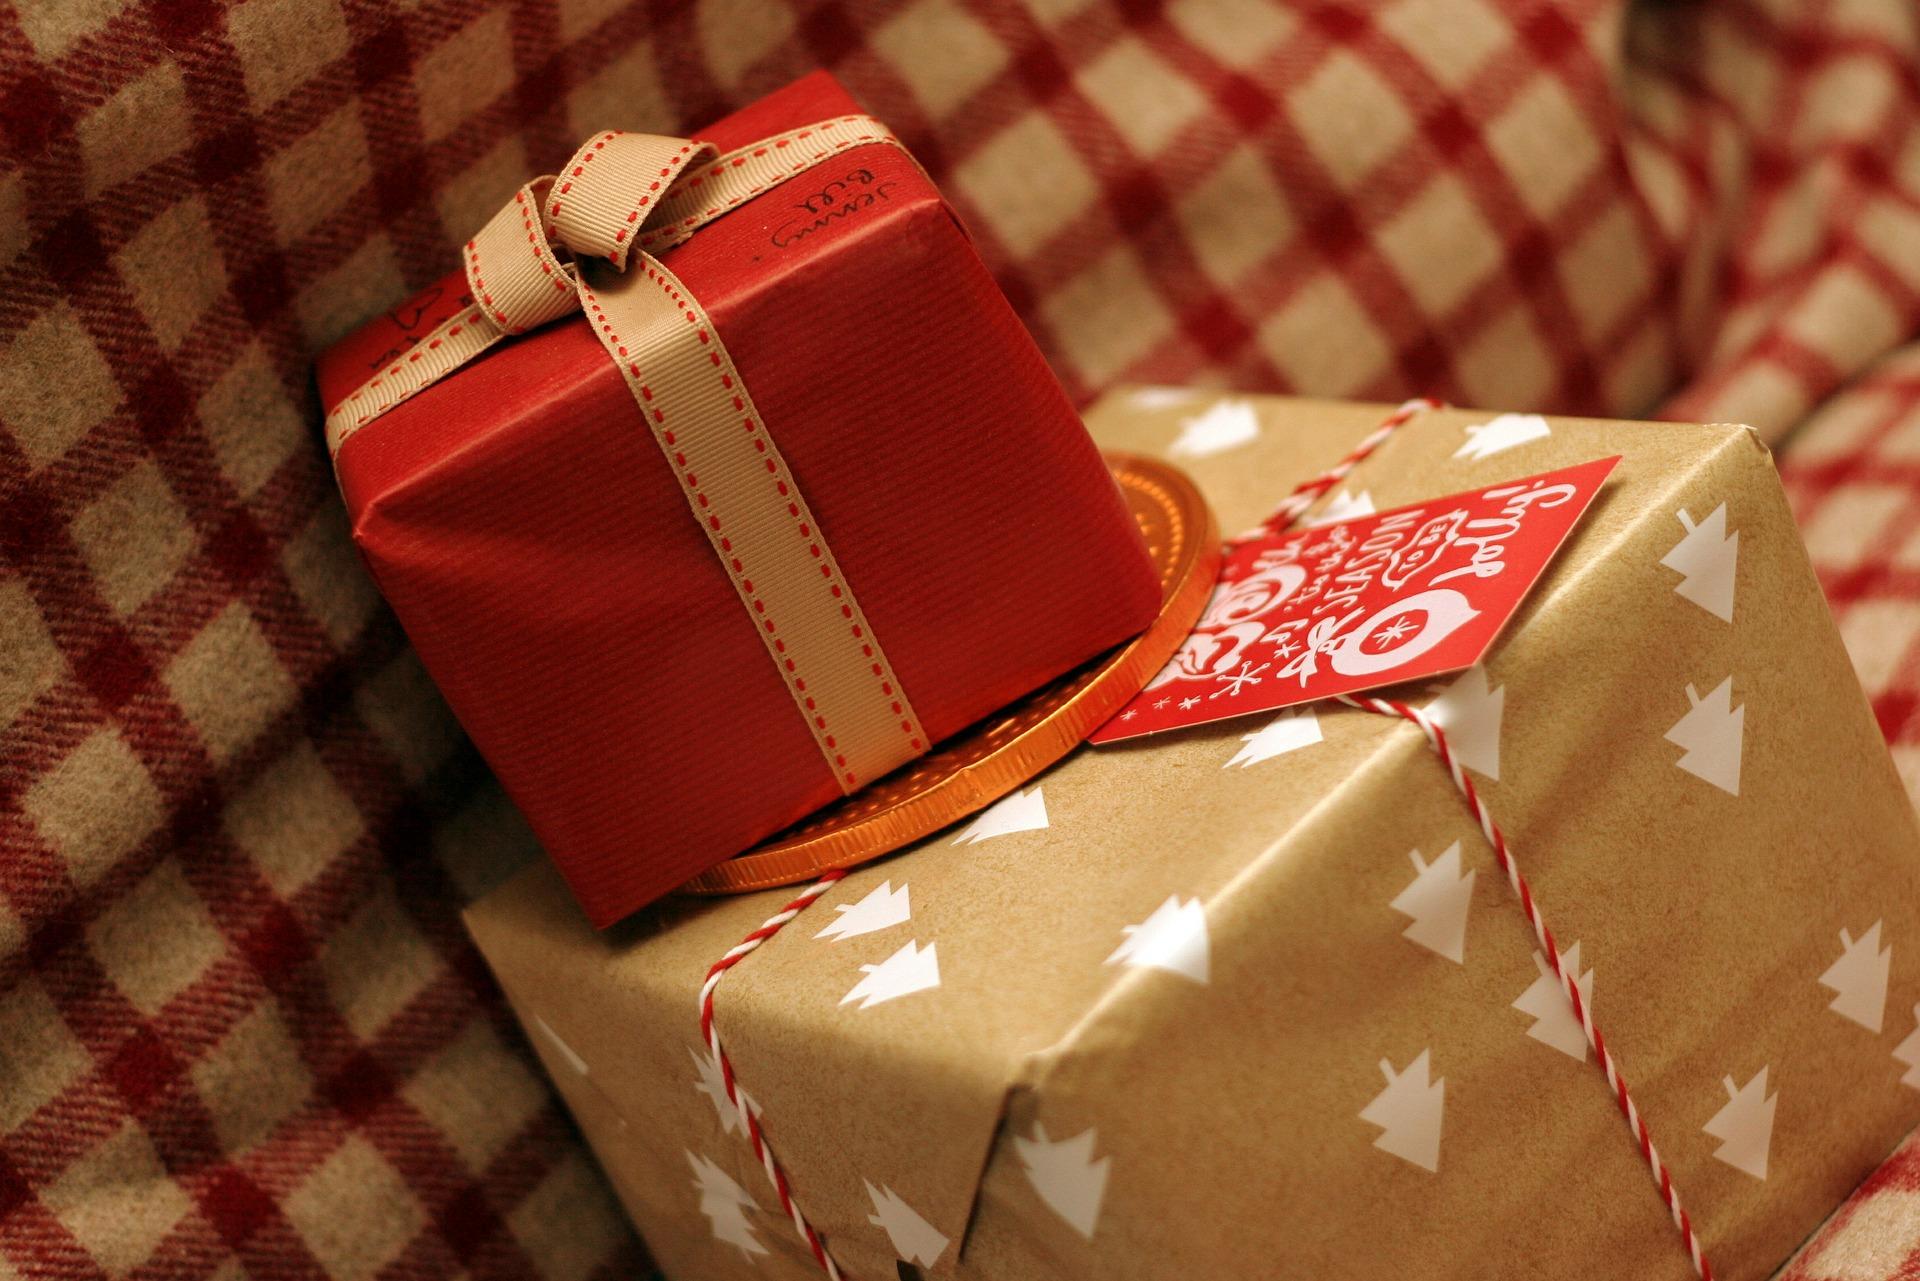 כל מה שרציתם לדעת על קניית מתנות לראש השנה